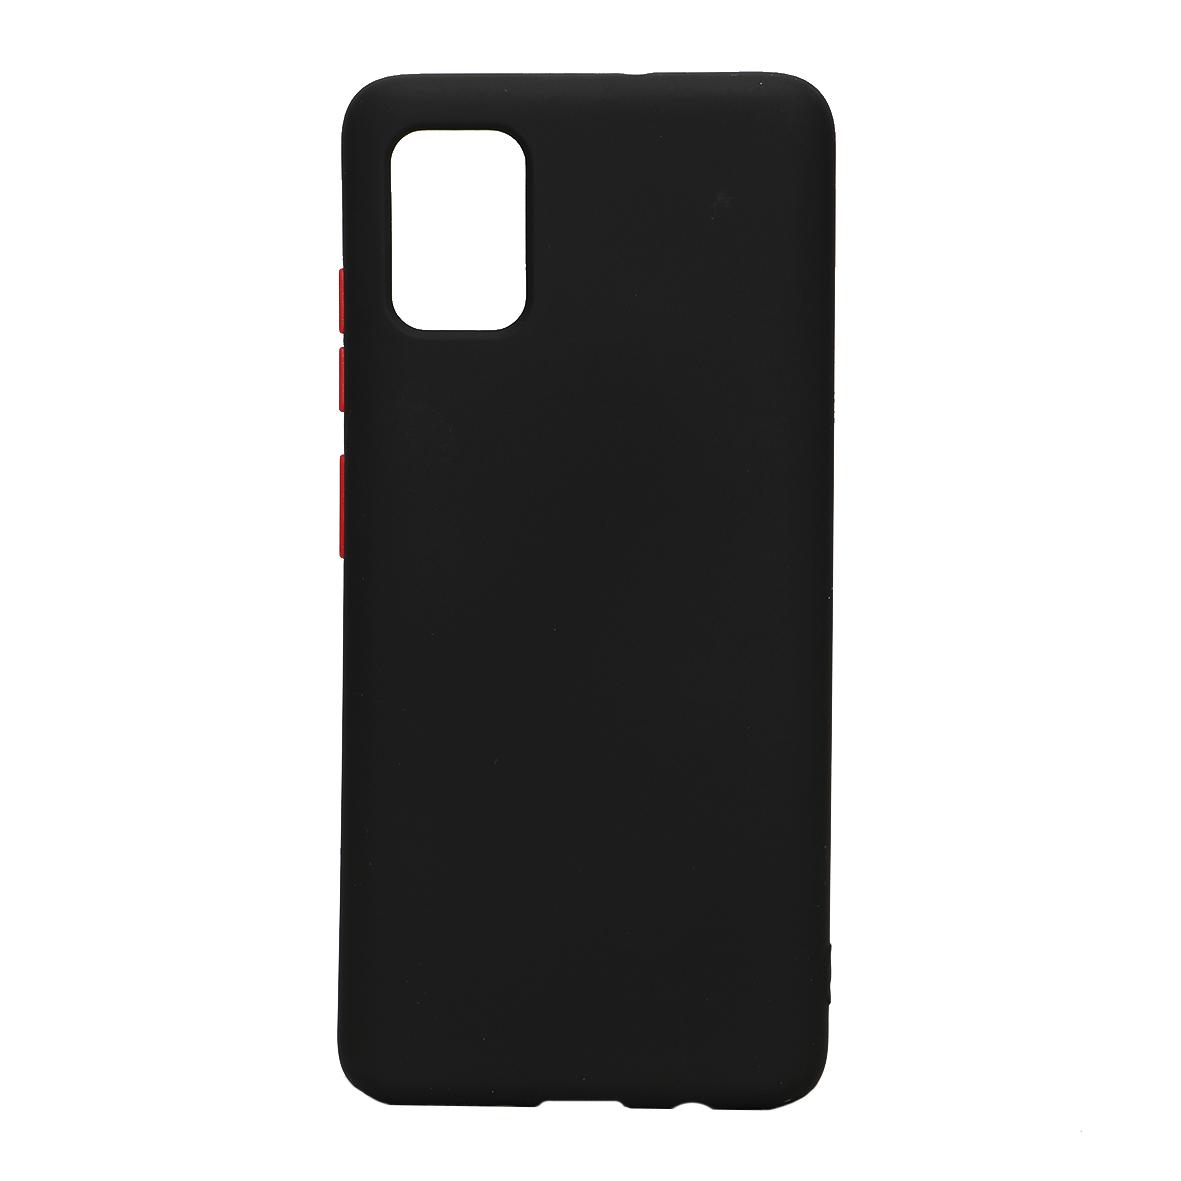 کاور مدل SCN2 مناسب برای گوشی موبایل سامسونگ Galaxy A51